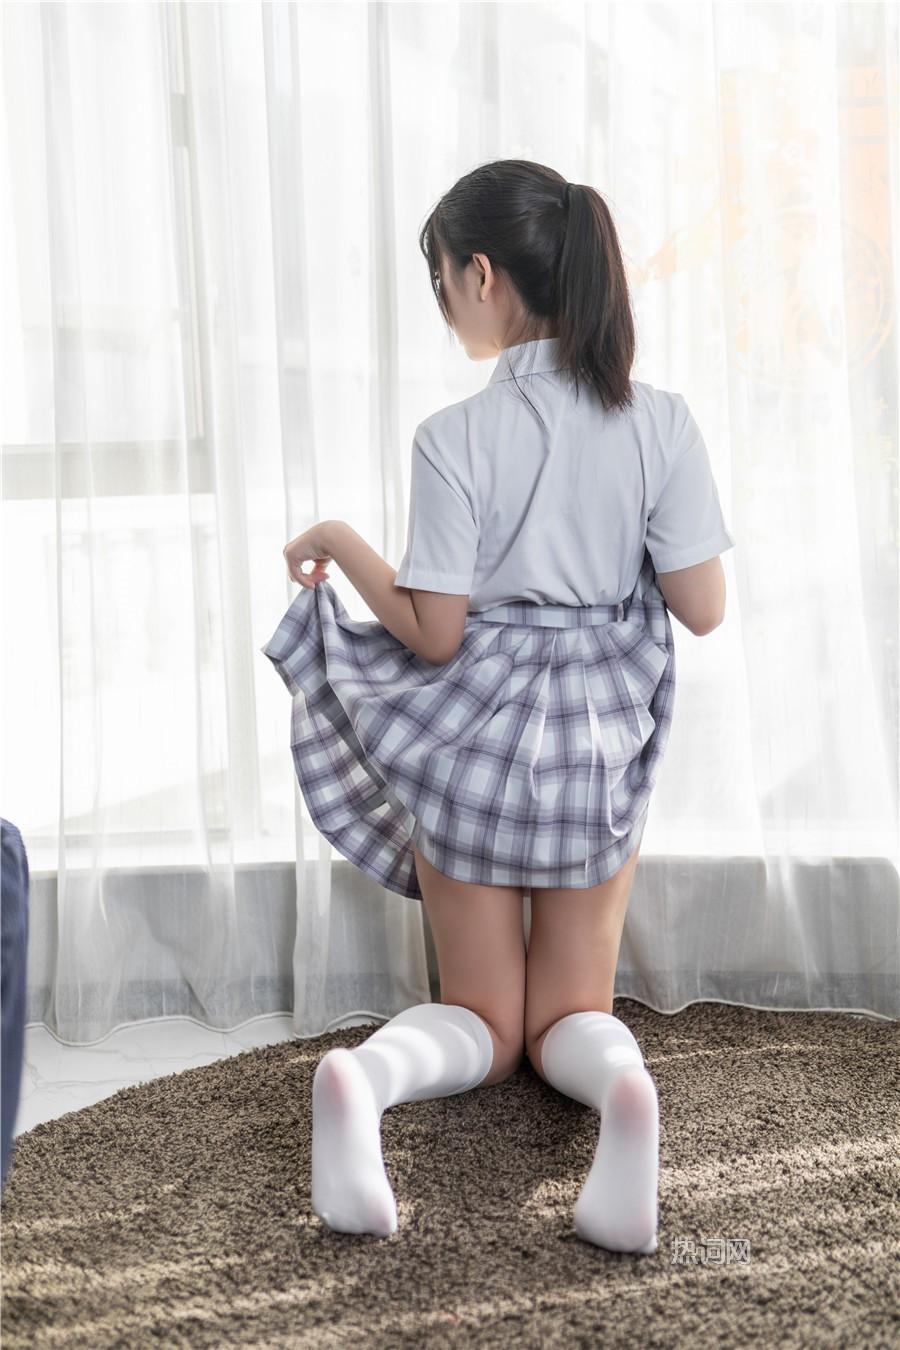 喵糖映画 JKL 裙美JK制服合集 美女写真 热图3